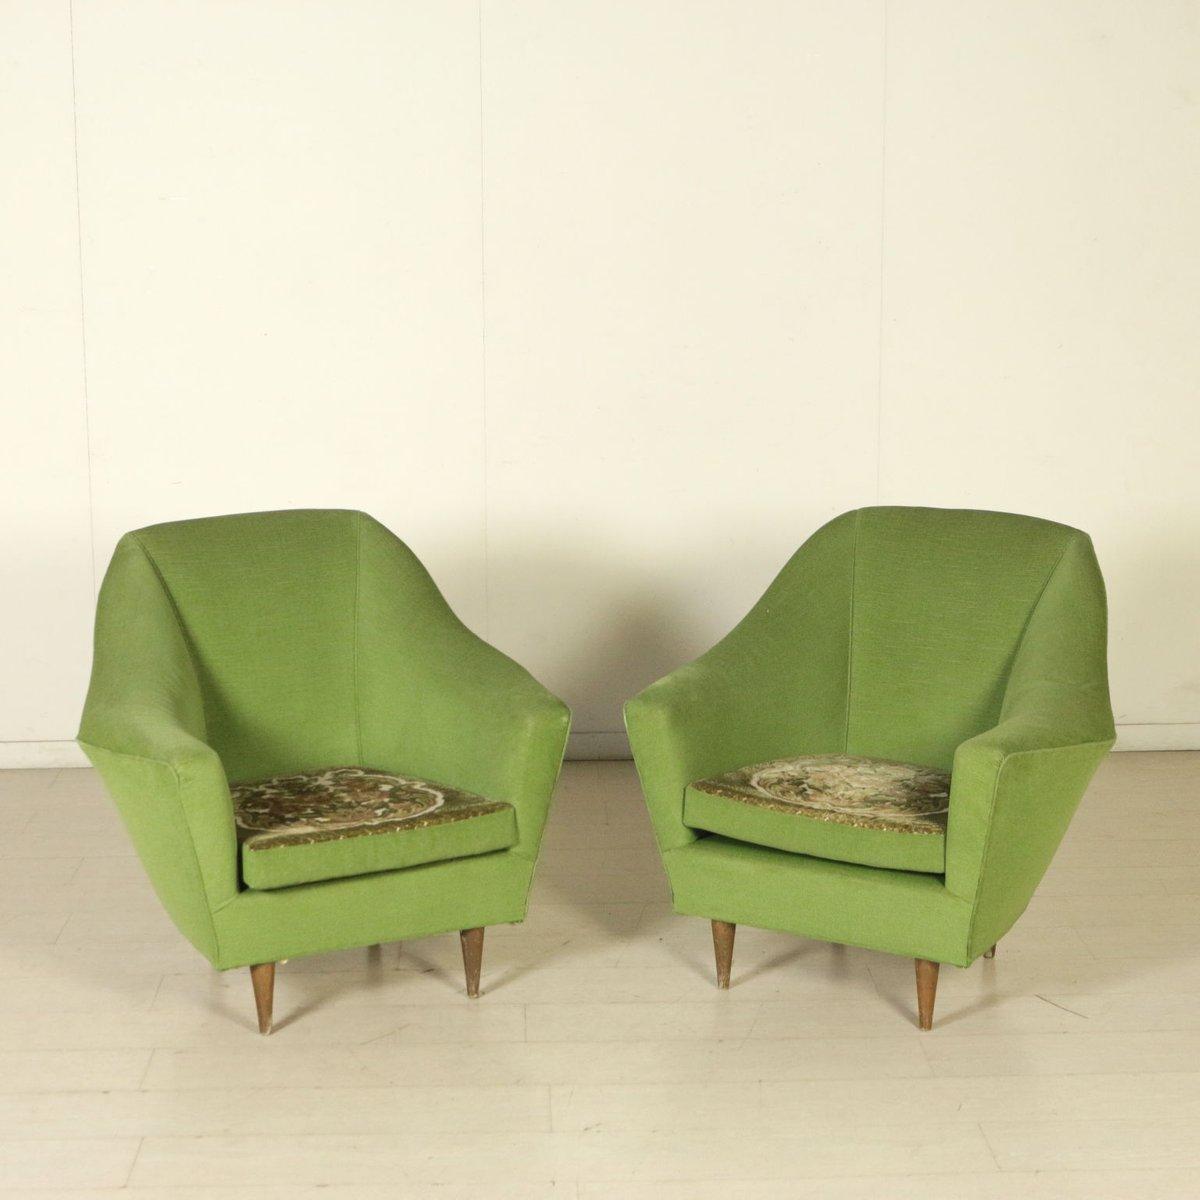 Italienische Vintage Sessel aus Samt mit Beidseitig Gestalteten Kissen...